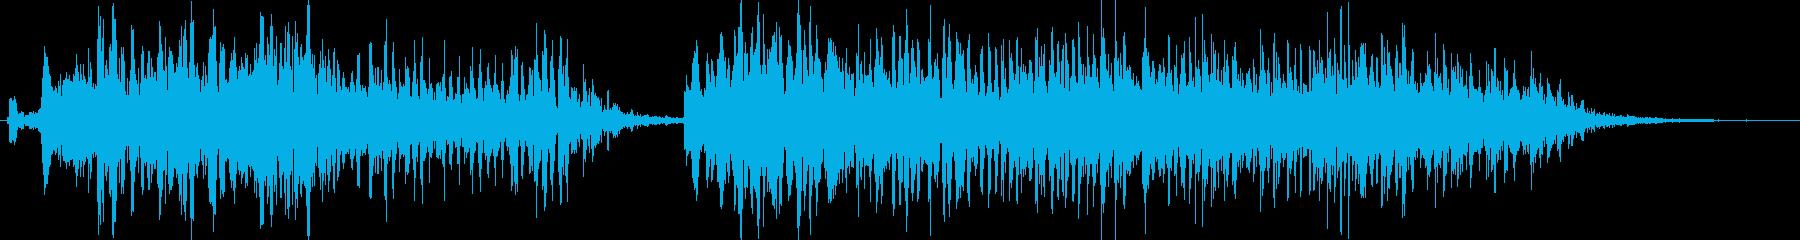 モンスターのいびきの再生済みの波形